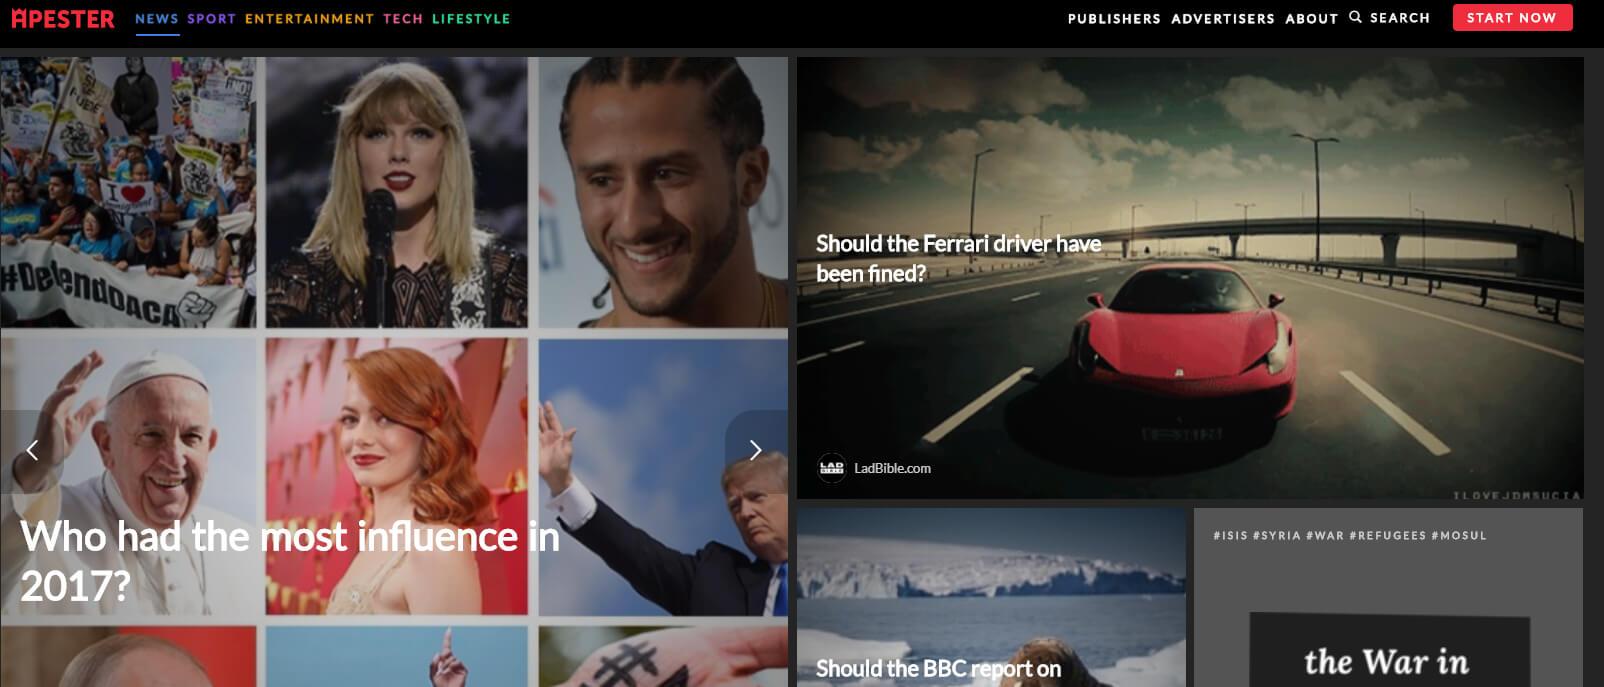 Apester: il tool per contenuti interattivi come sondaggi, quiz, etc...